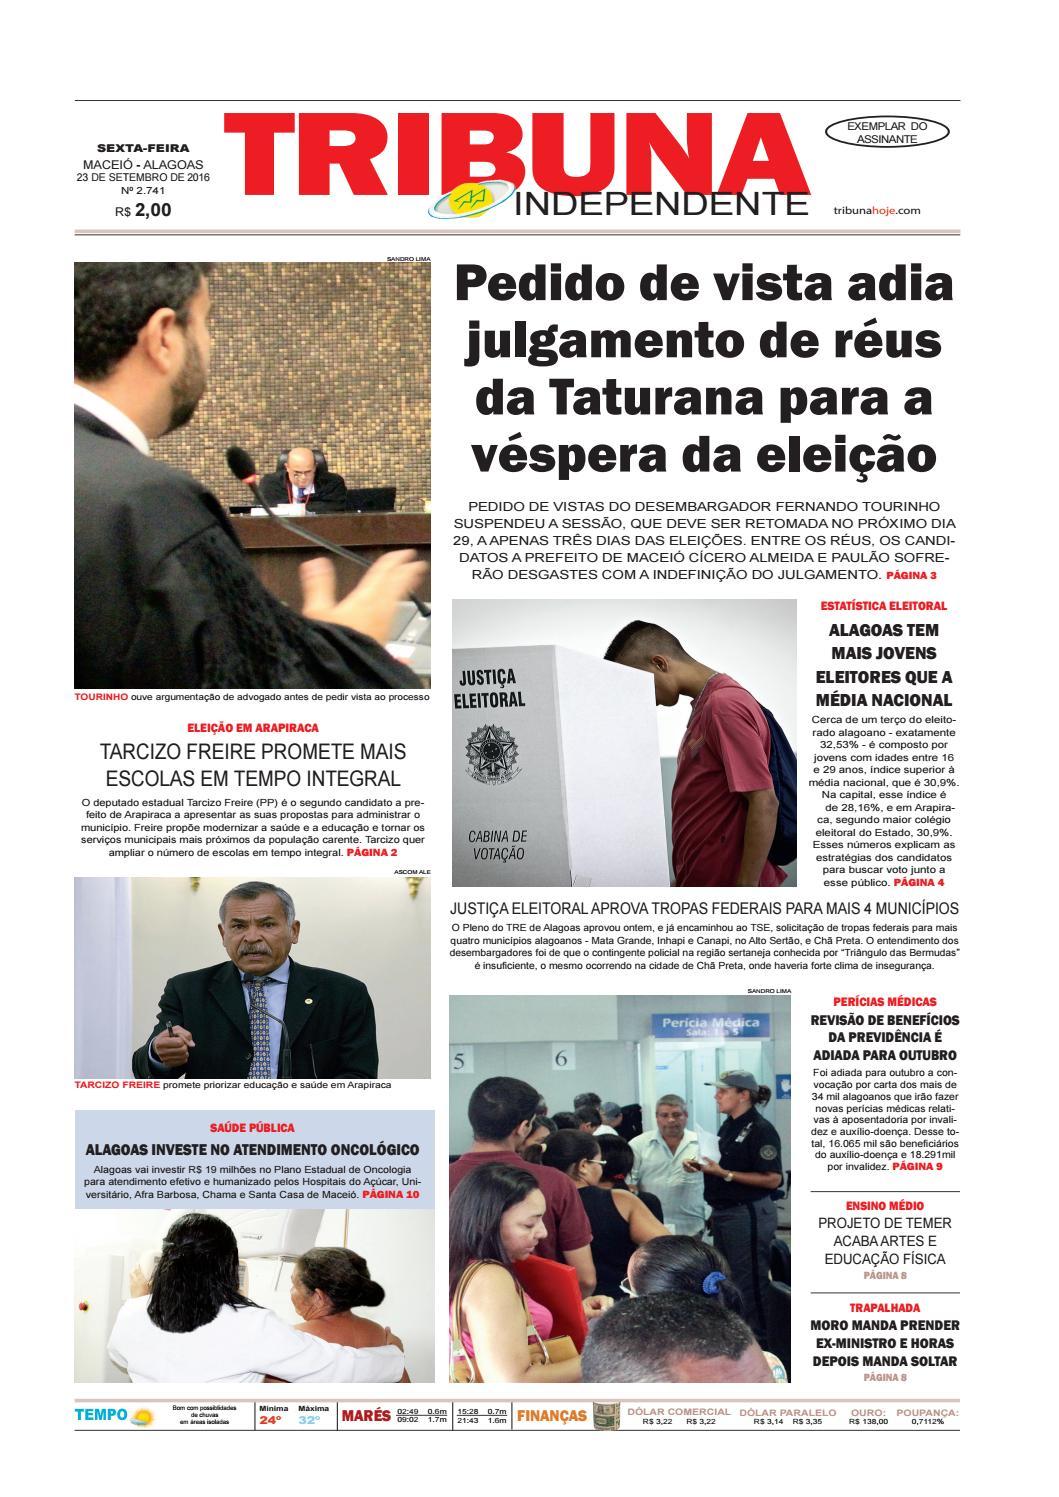 6f745d56d60 Edição número 2741 - 23 de setembro de 2016 by Tribuna Hoje - issuu